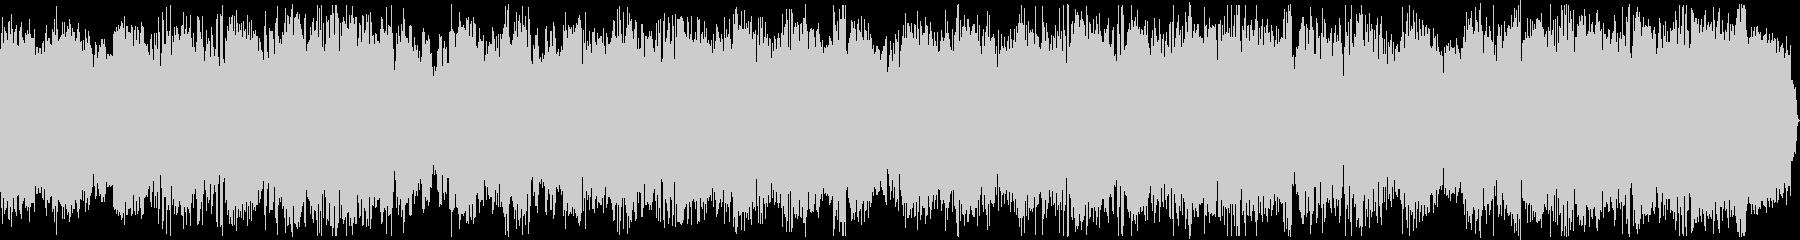 ハードなシンセがノリノリのEDMジングルの未再生の波形